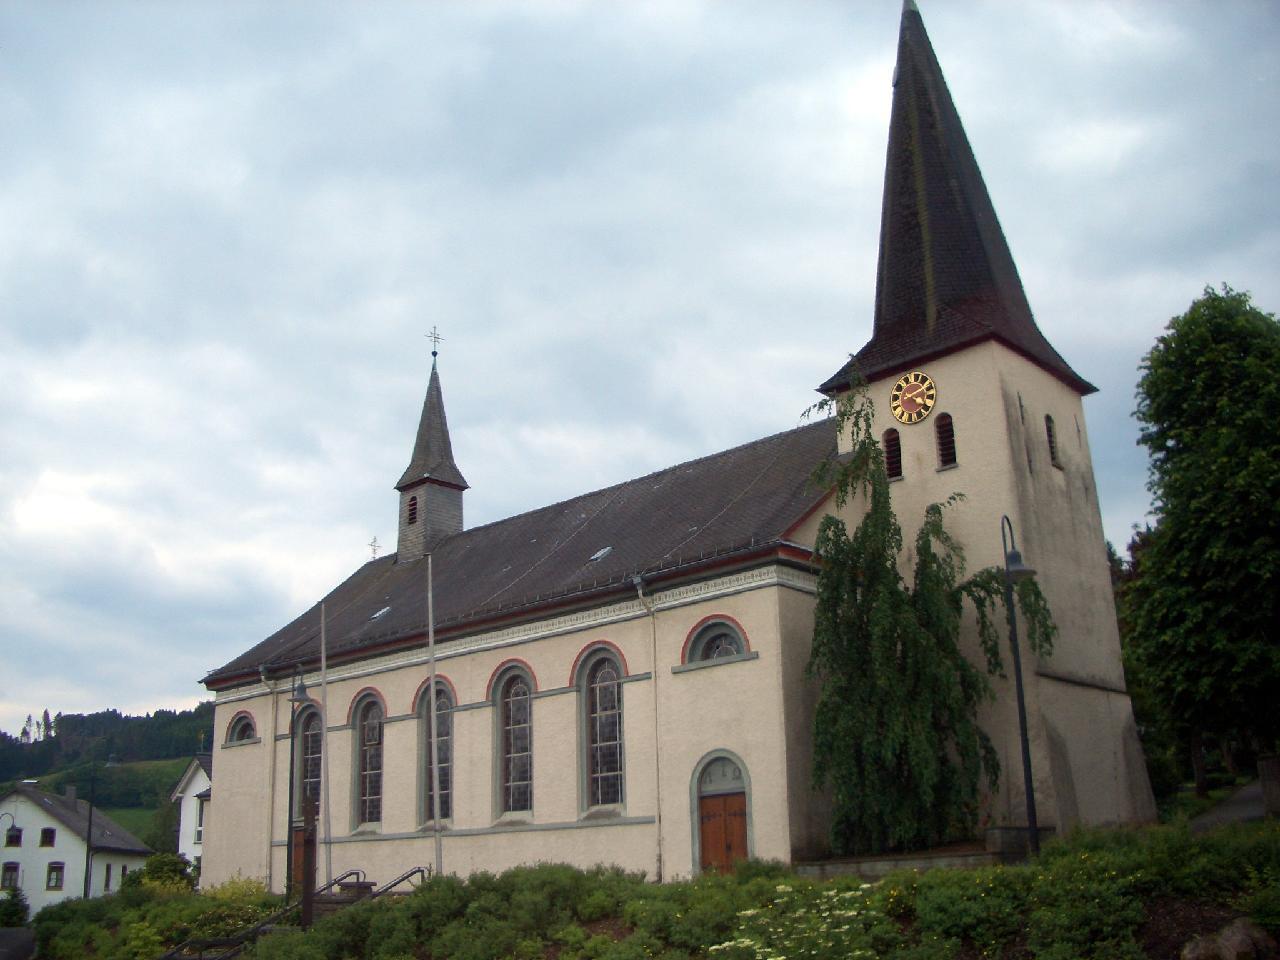 Bild von Renovierung der St. Burchard Kirche umfasst 7 wichtige Punkte